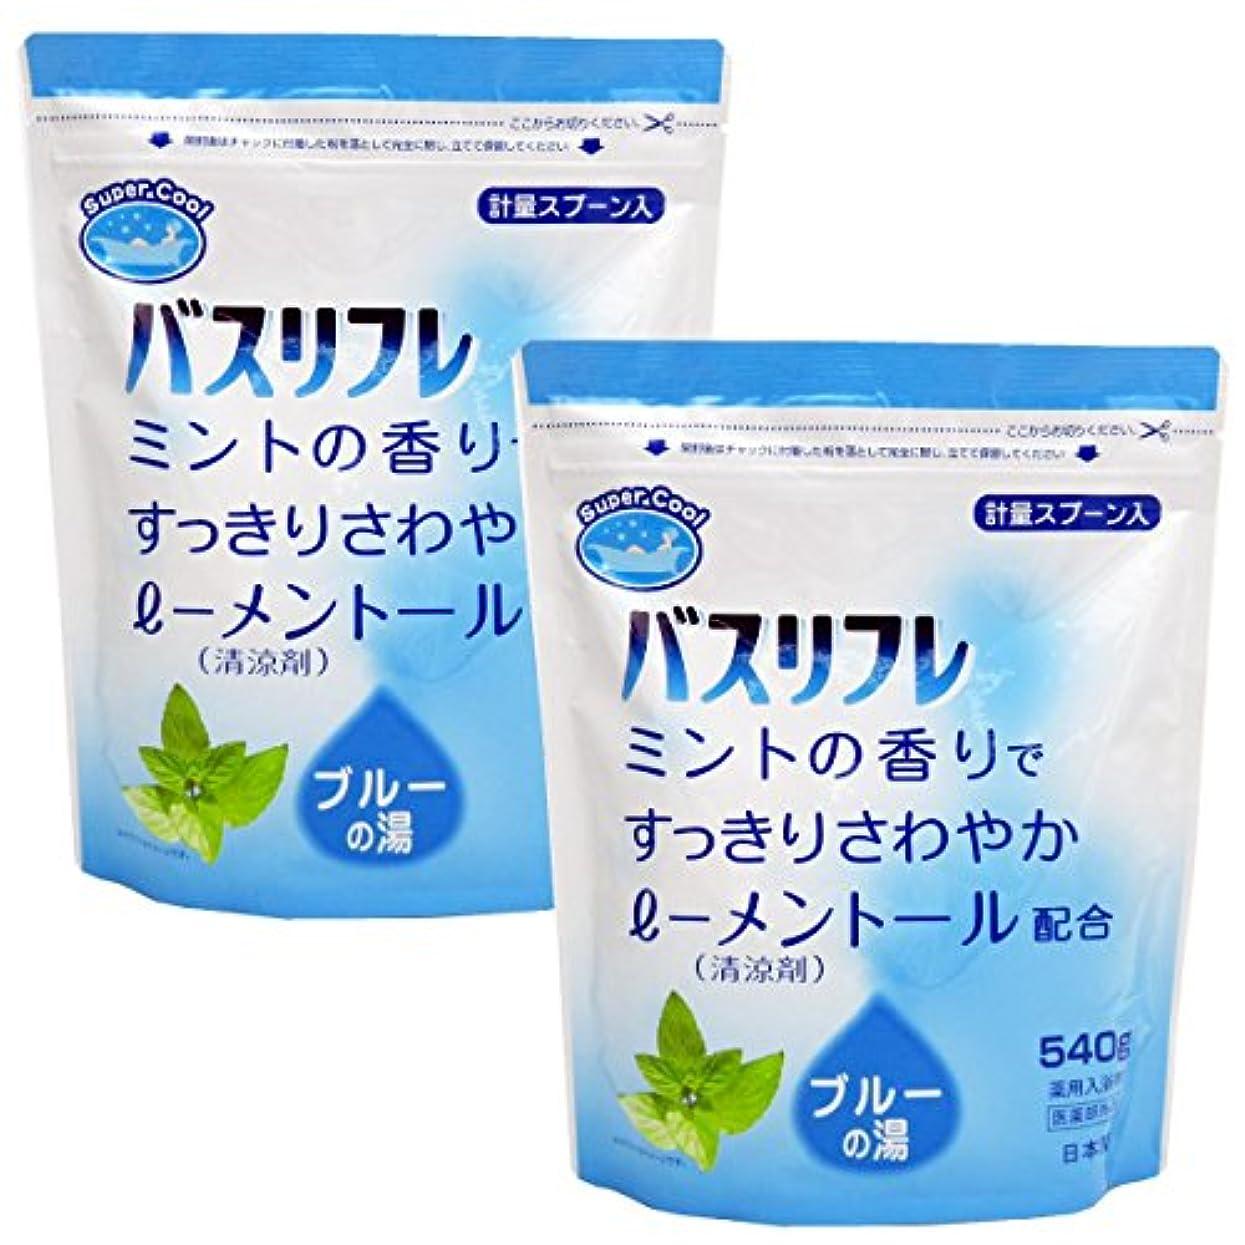 ビタミンピラミッド連結する入浴剤 クール 薬用入浴剤 バスリフレ スーパークール540g×2個セット 日本製